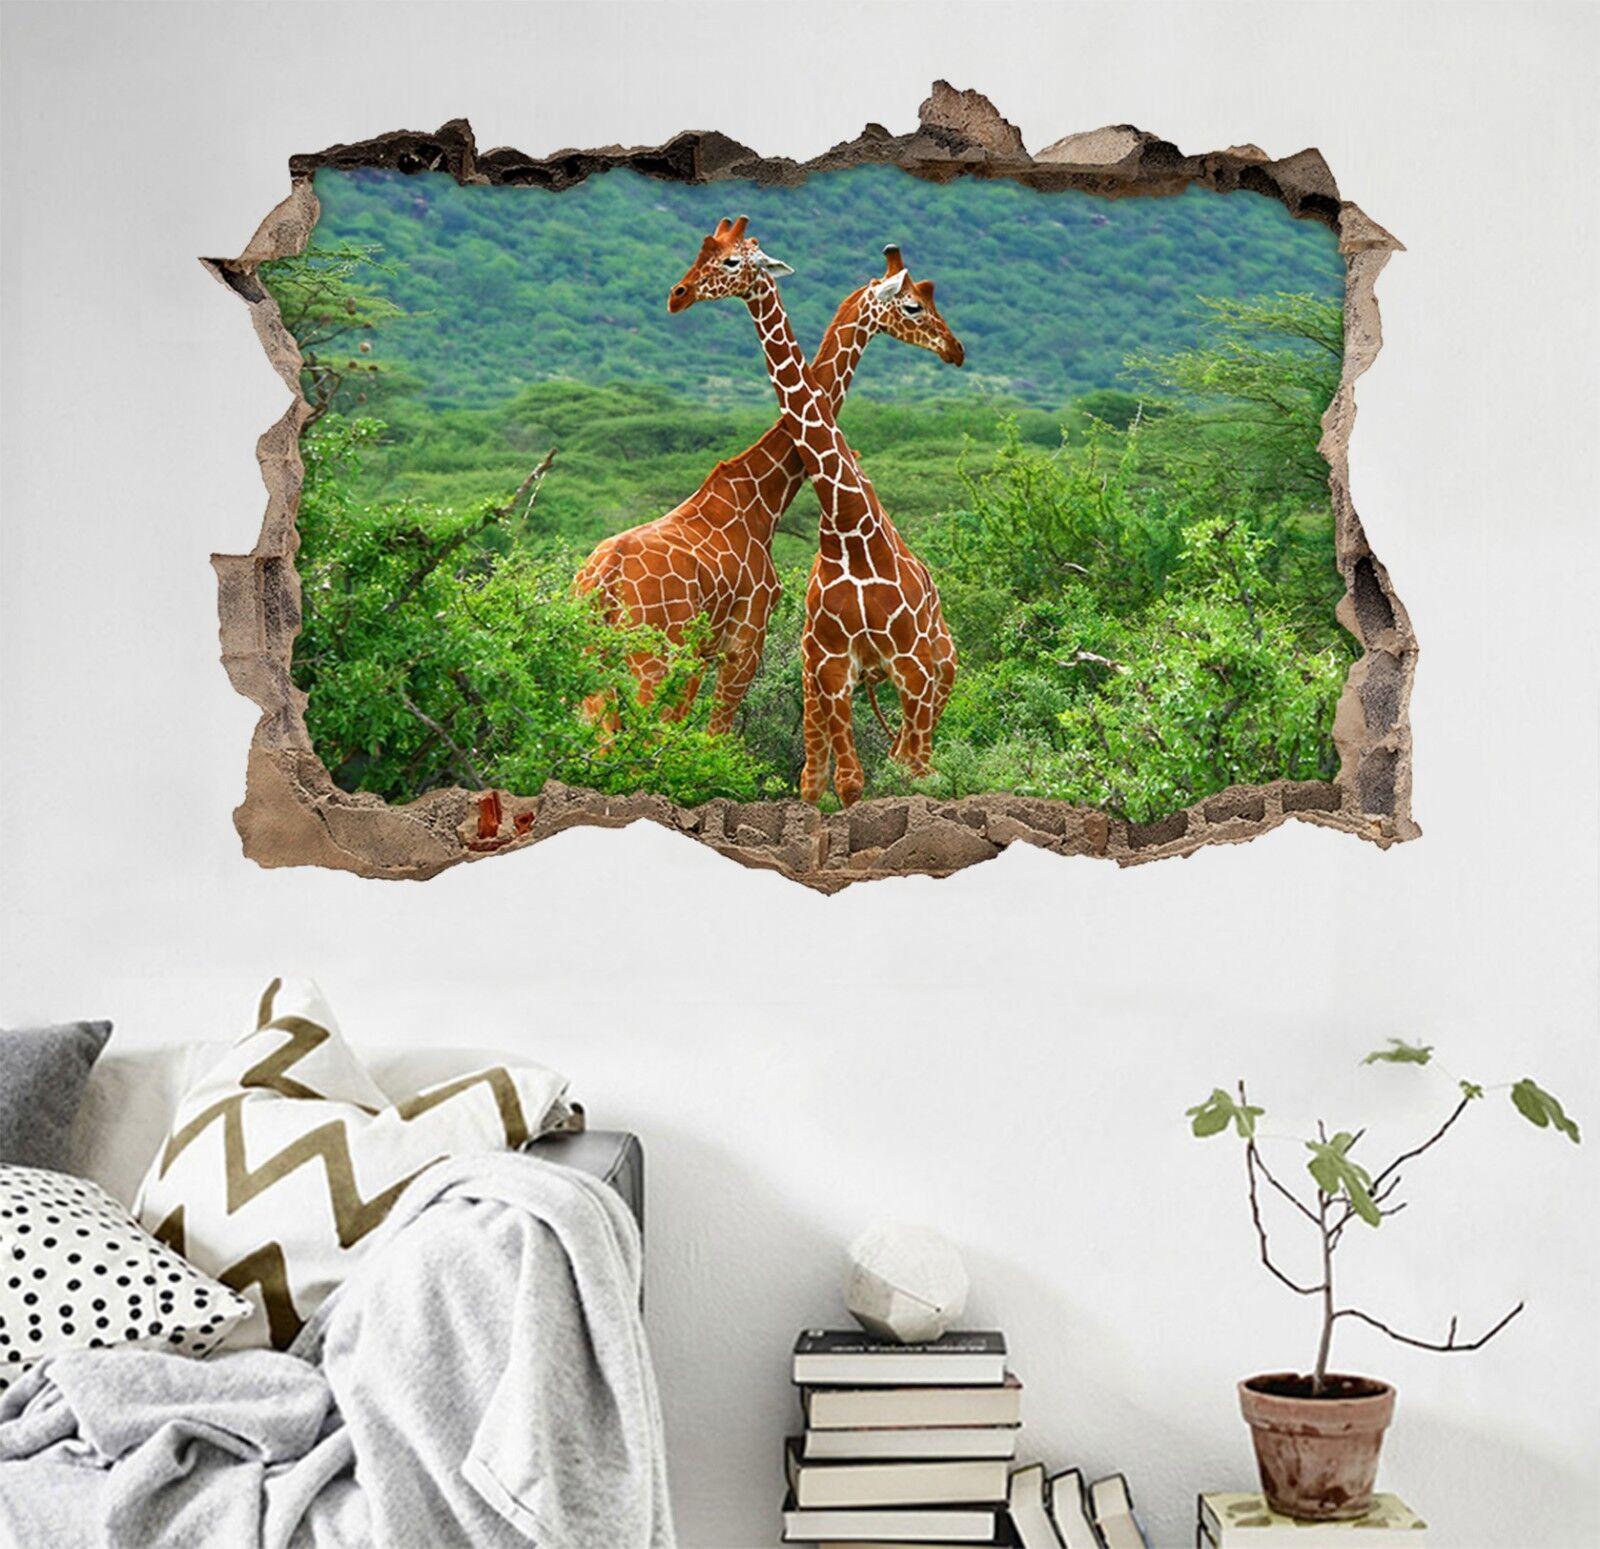 3D Große Giraffen 3 Mauer Murals Mauer Aufklebe Decal Durchbruch AJ WALLPAPER DE